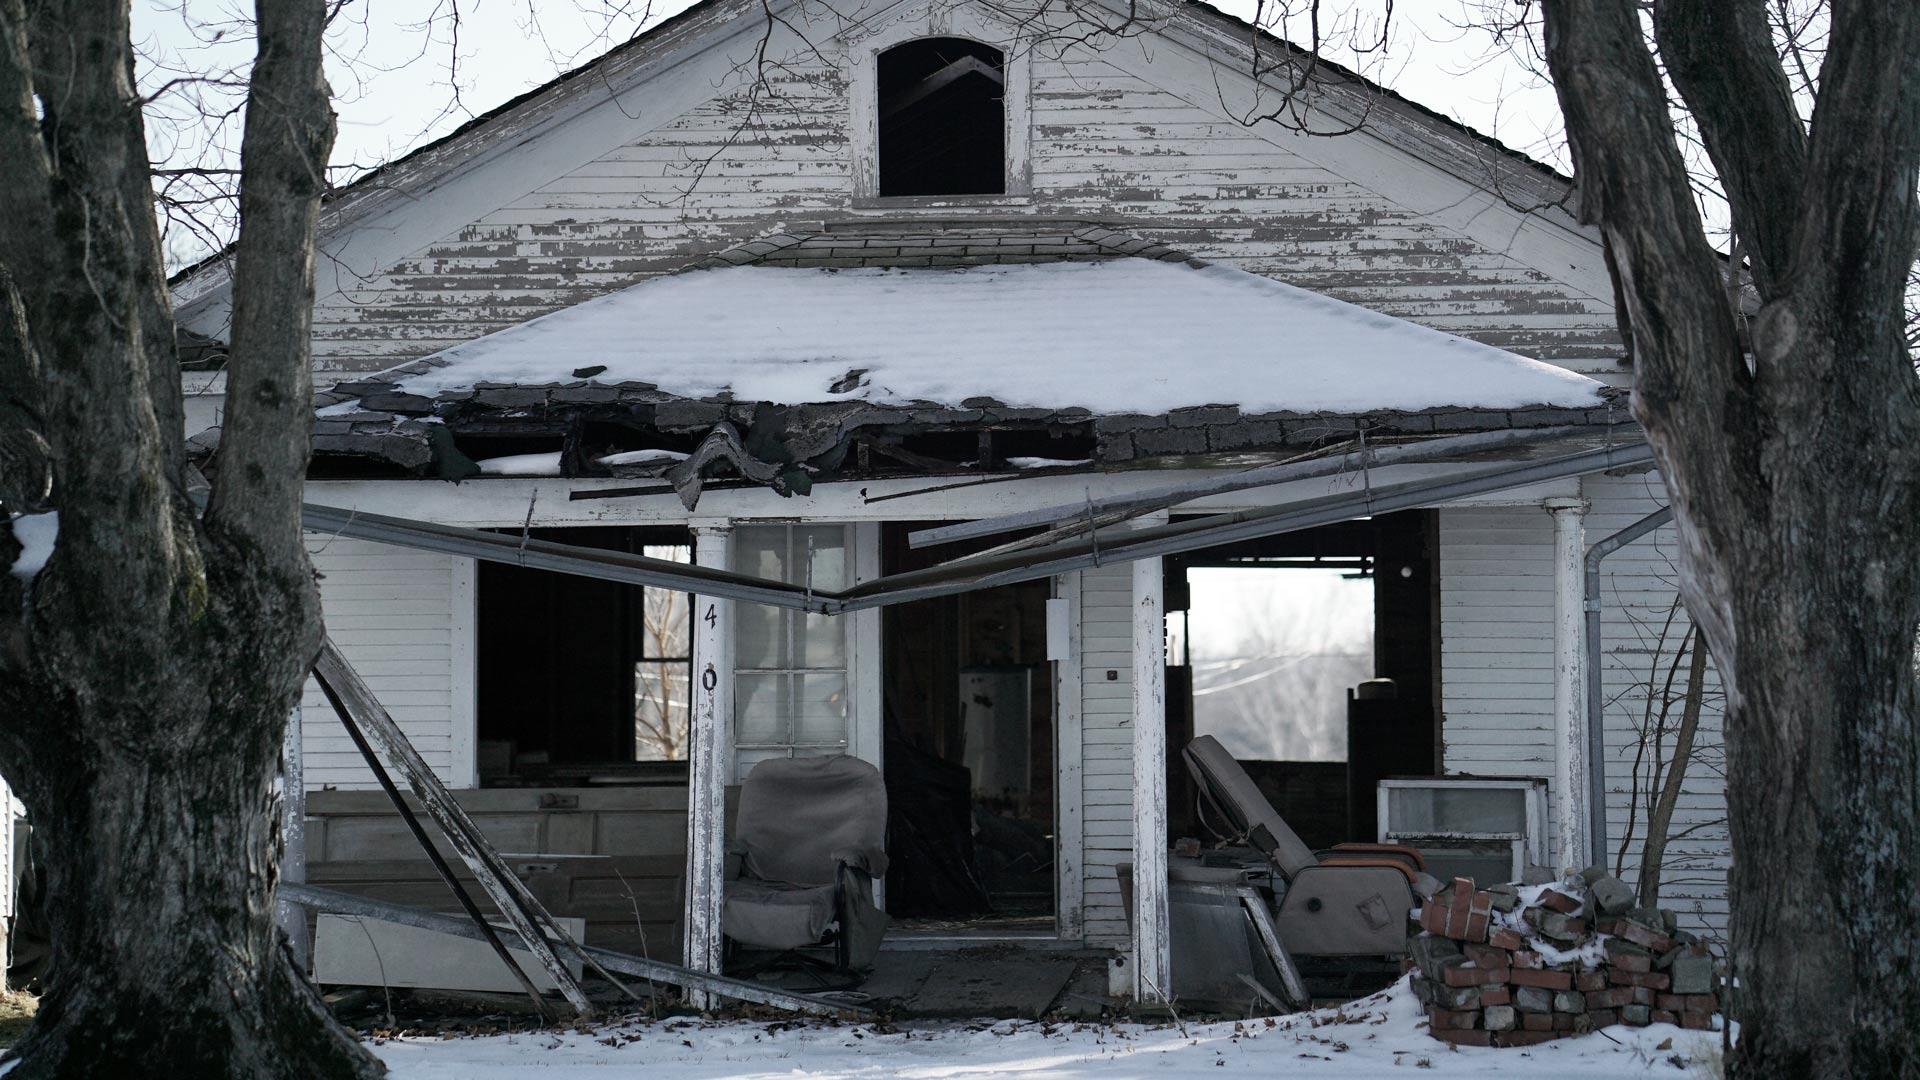 Bobbie Jo Stinnett's home lies empty today